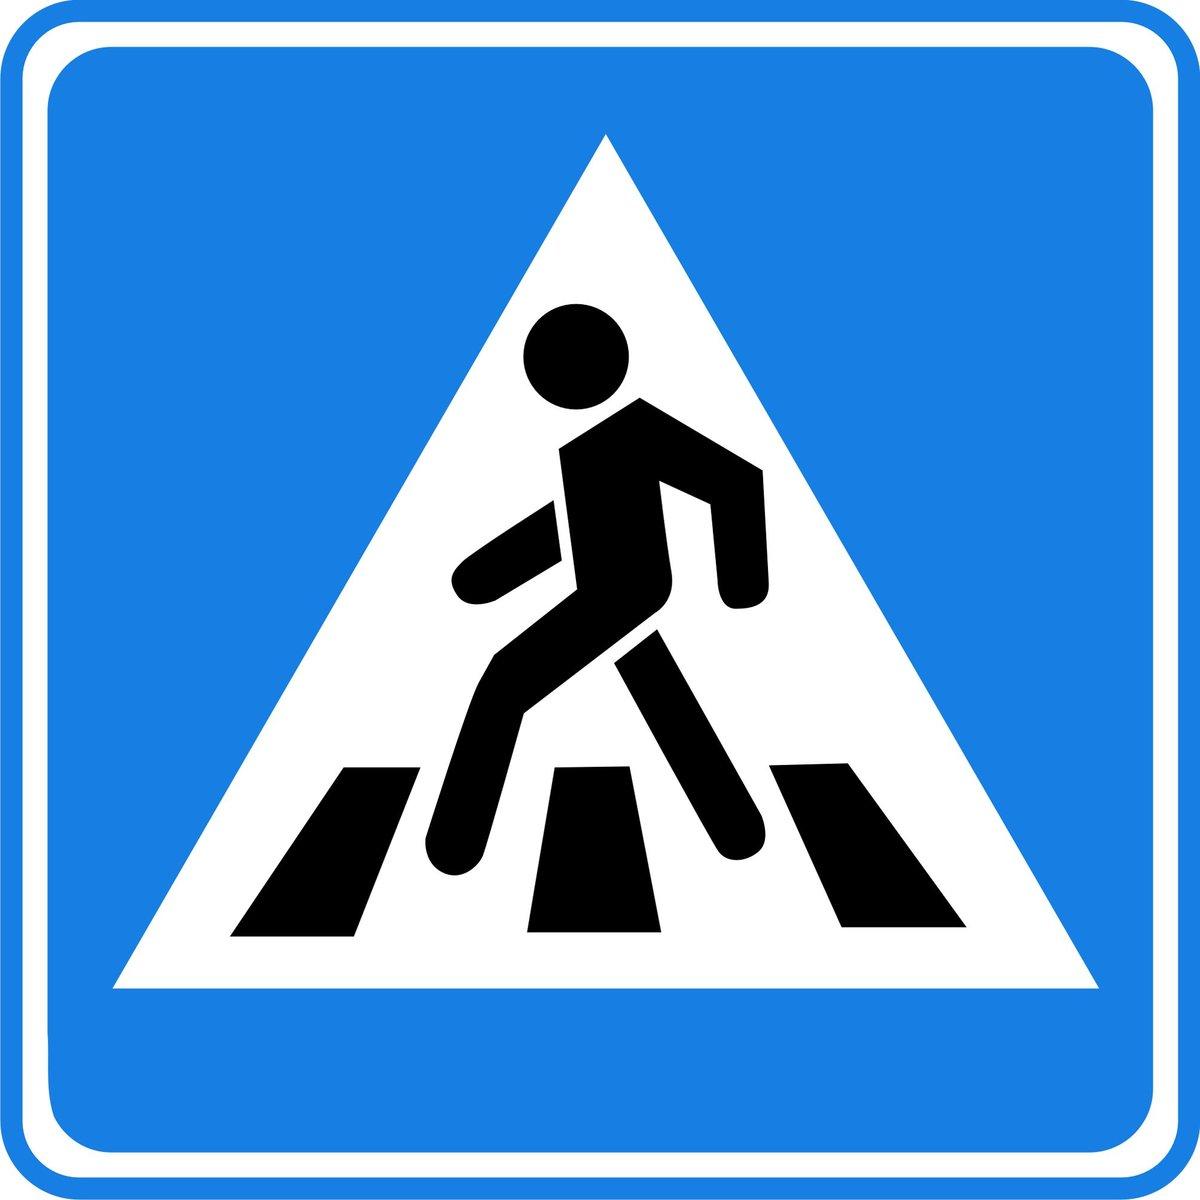 Дорожные знаки для пешеходов в картинках для детей, юбилеем